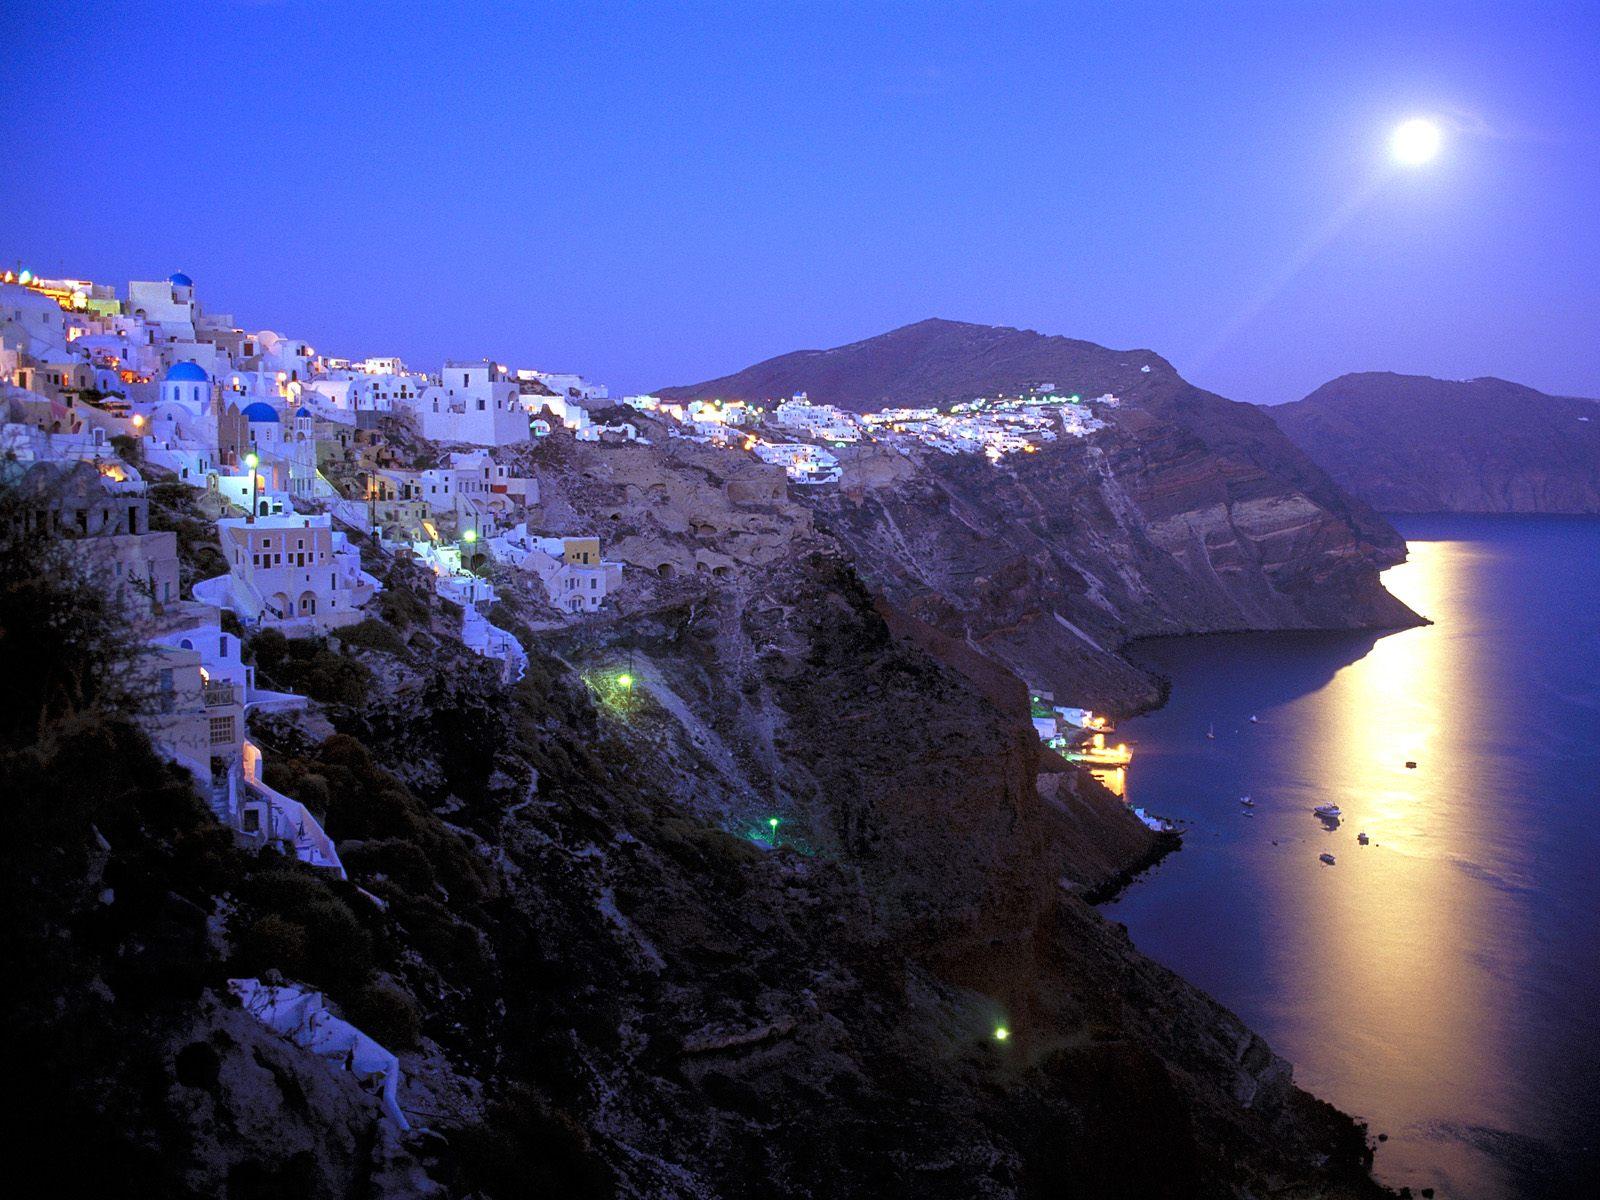 http://3.bp.blogspot.com/_uwy98ZWgnzA/TQNYPR_ECII/AAAAAAAAAhY/3aRtigicCok/s1600/Moonrise_Over_Santorini_Greece.jpg